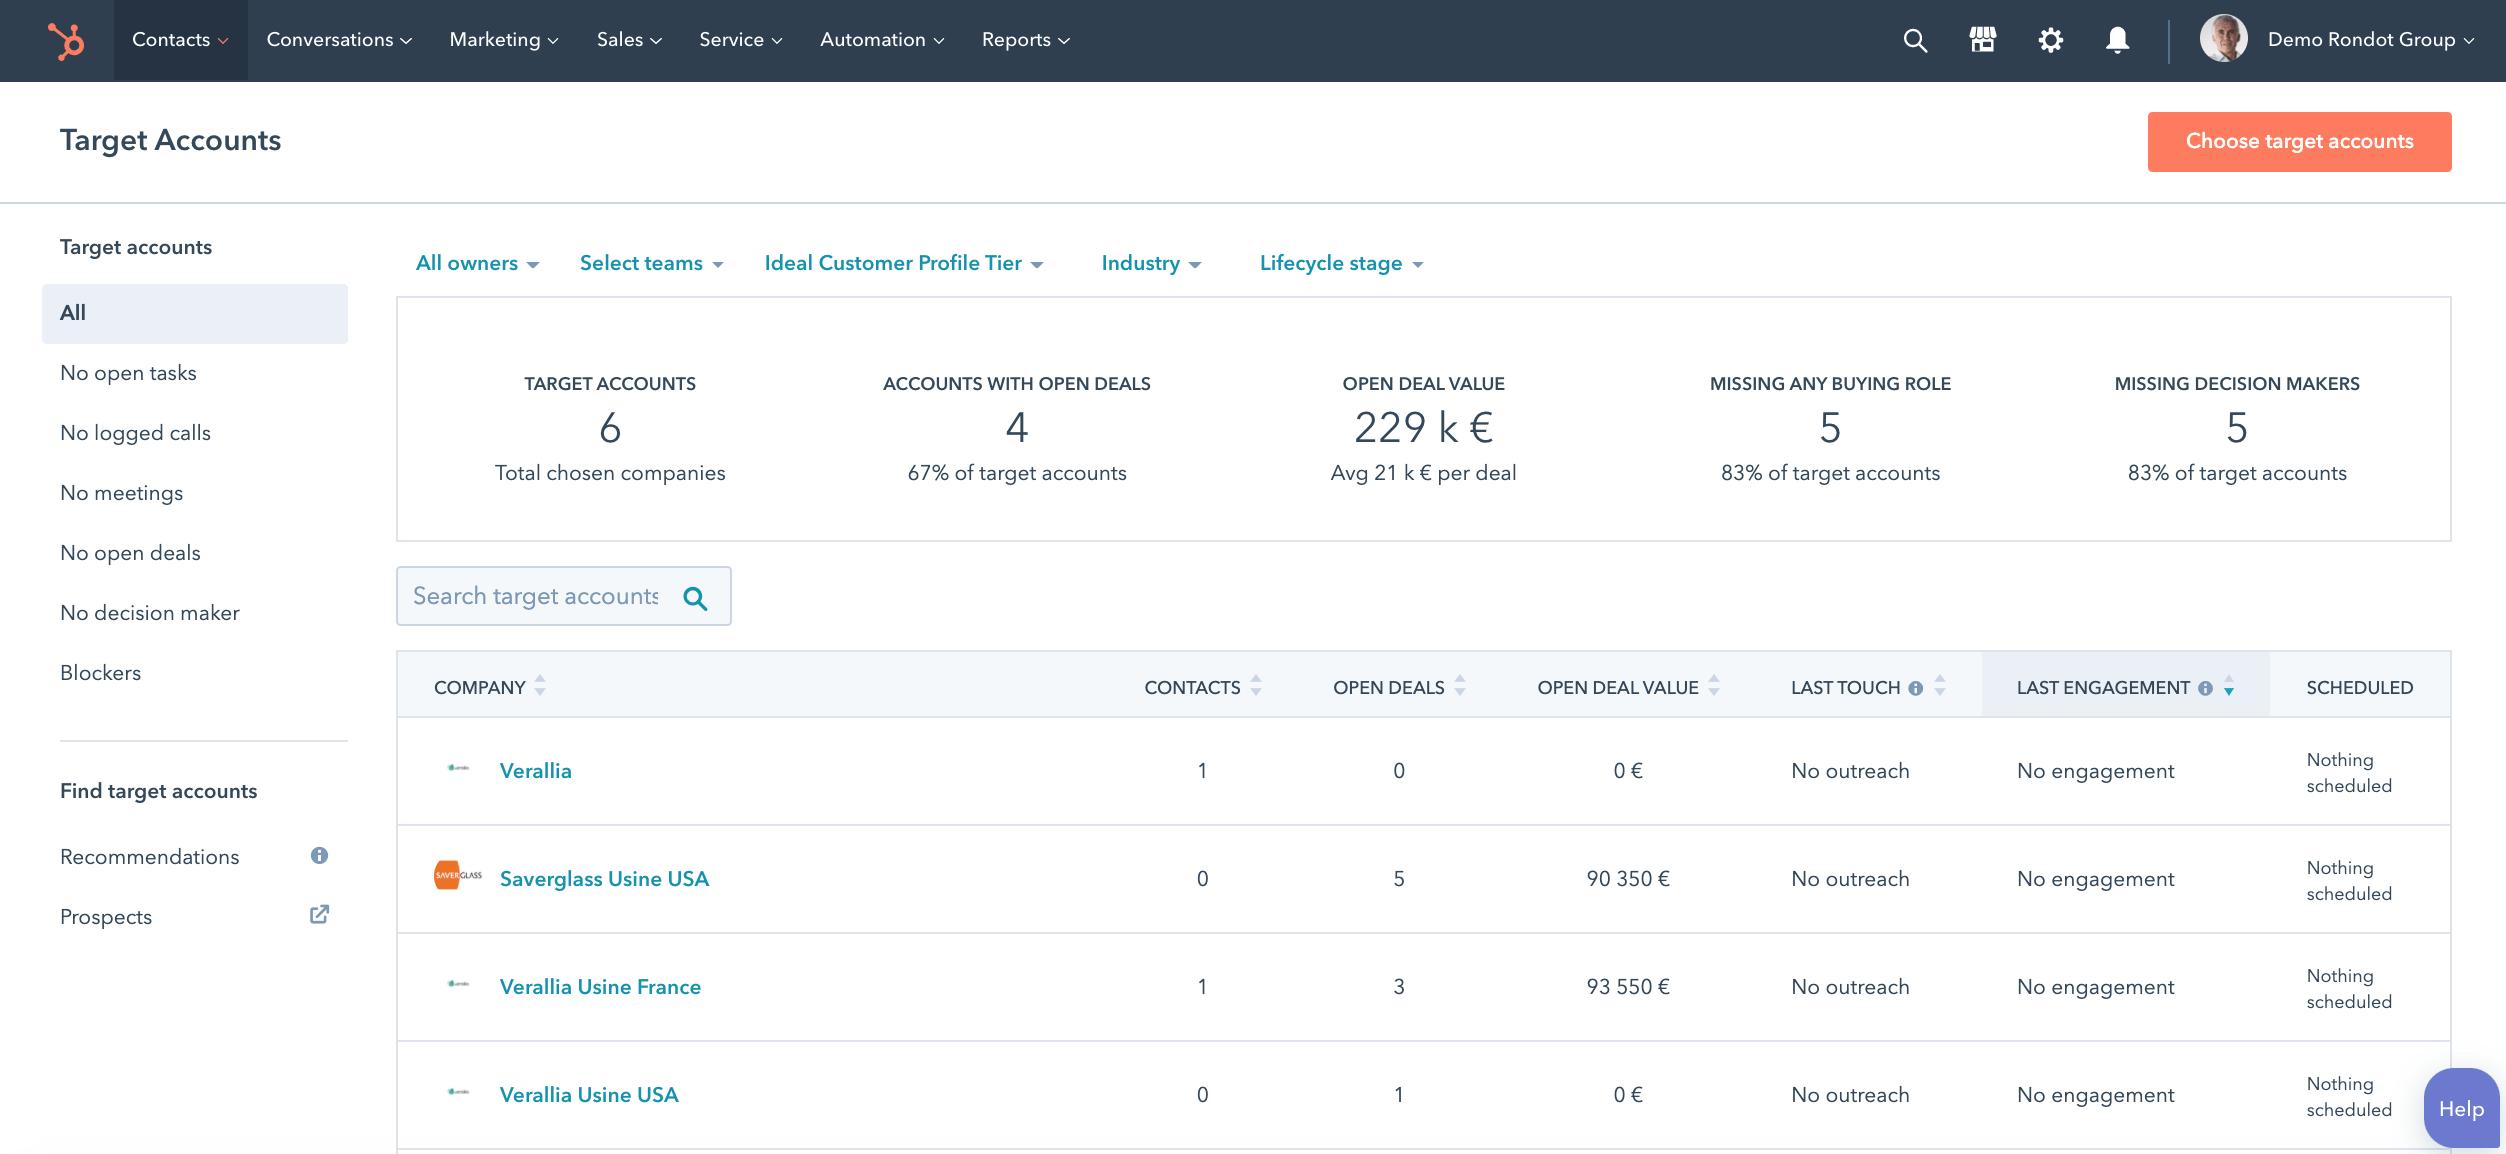 Tableau de bord des comptes cibles dans HubSpot